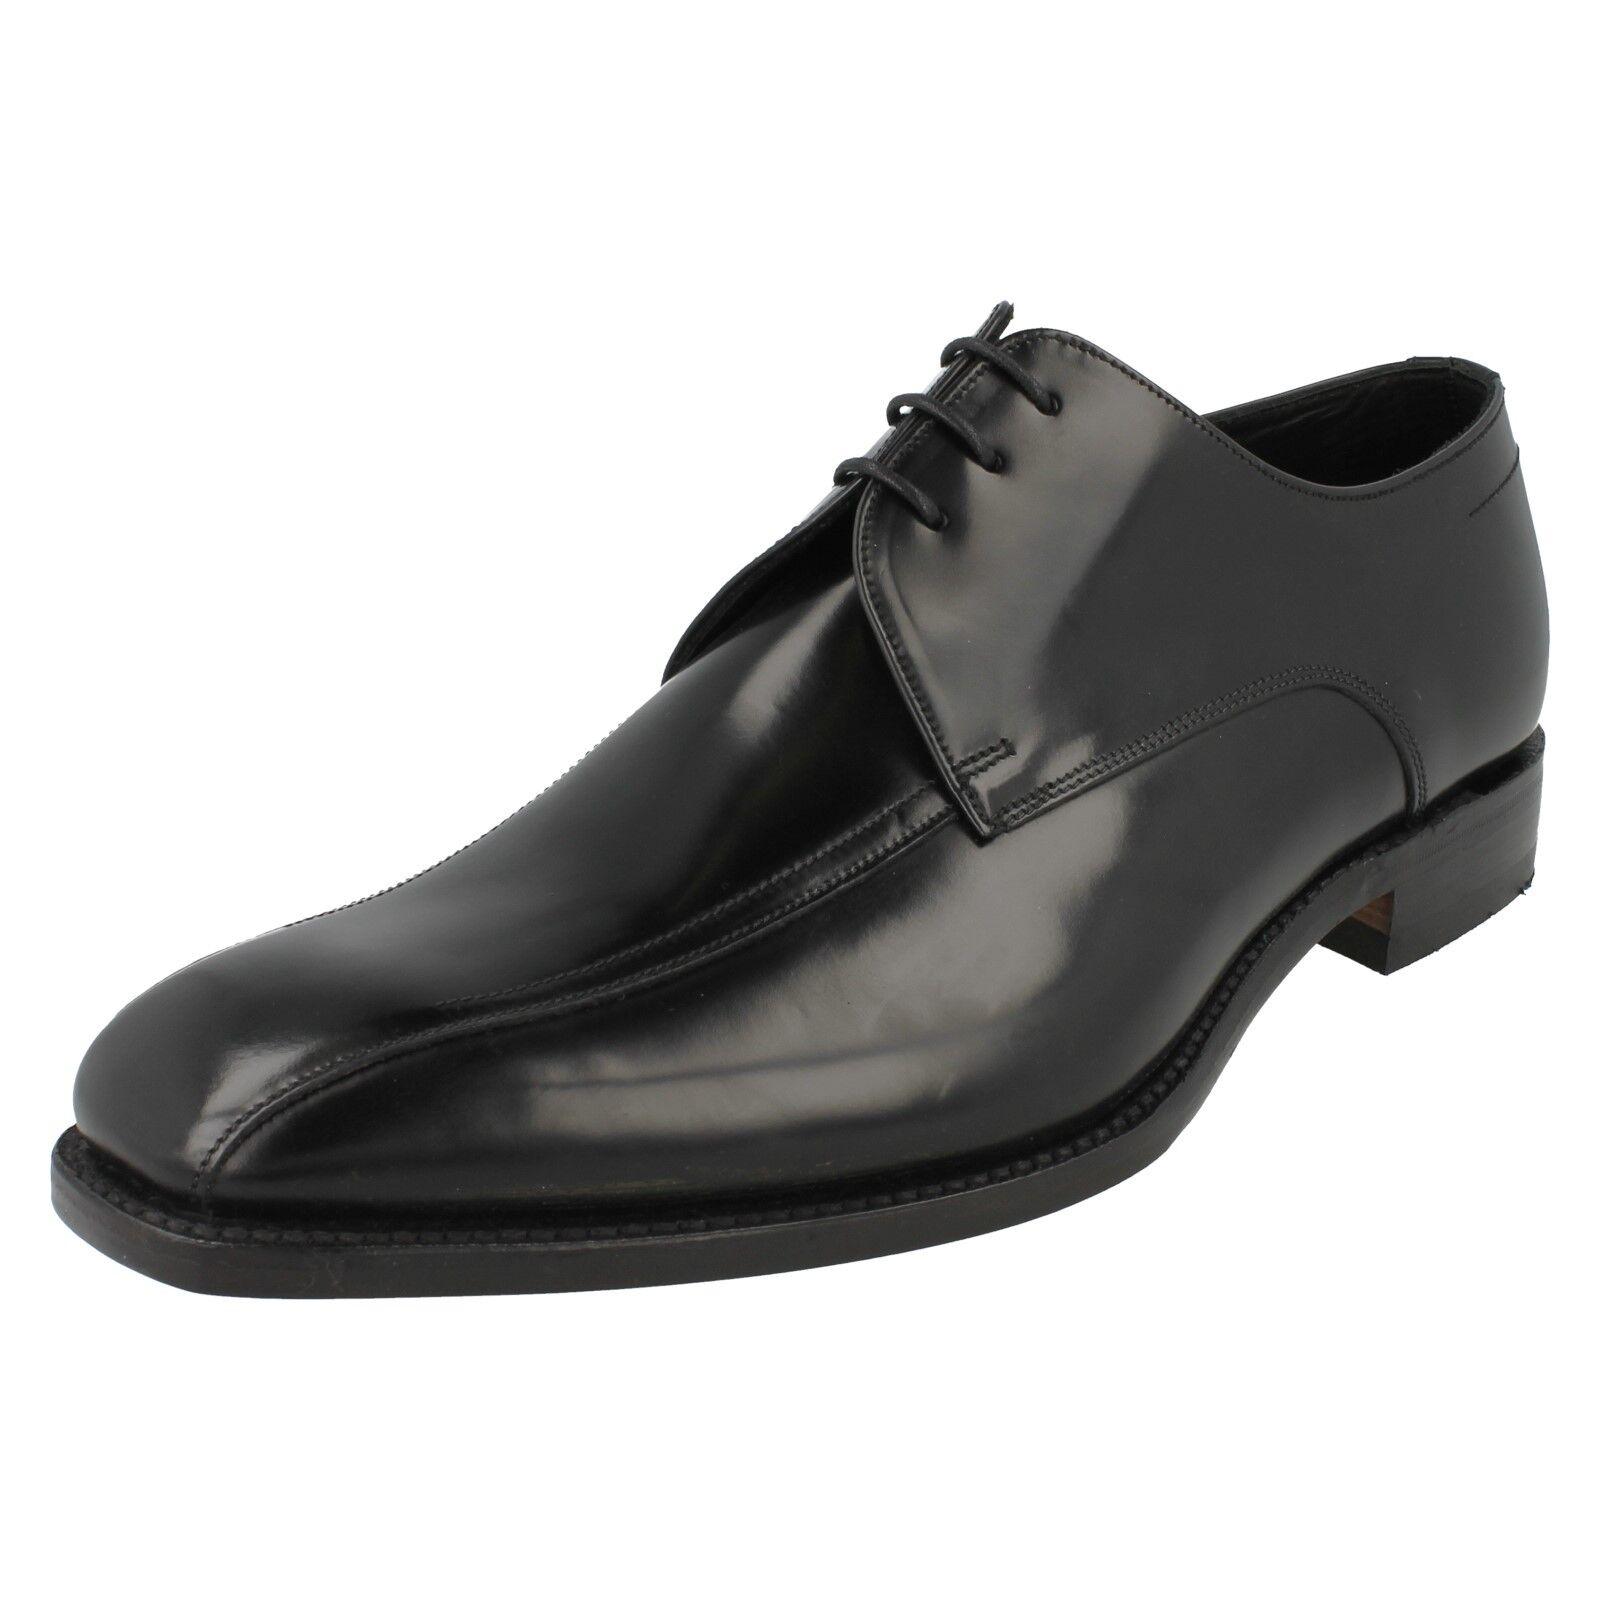 LOAKE MCQUEEN para hombre Negro Pulido Cuero acordonados formal Zapatos Talla Inteligente